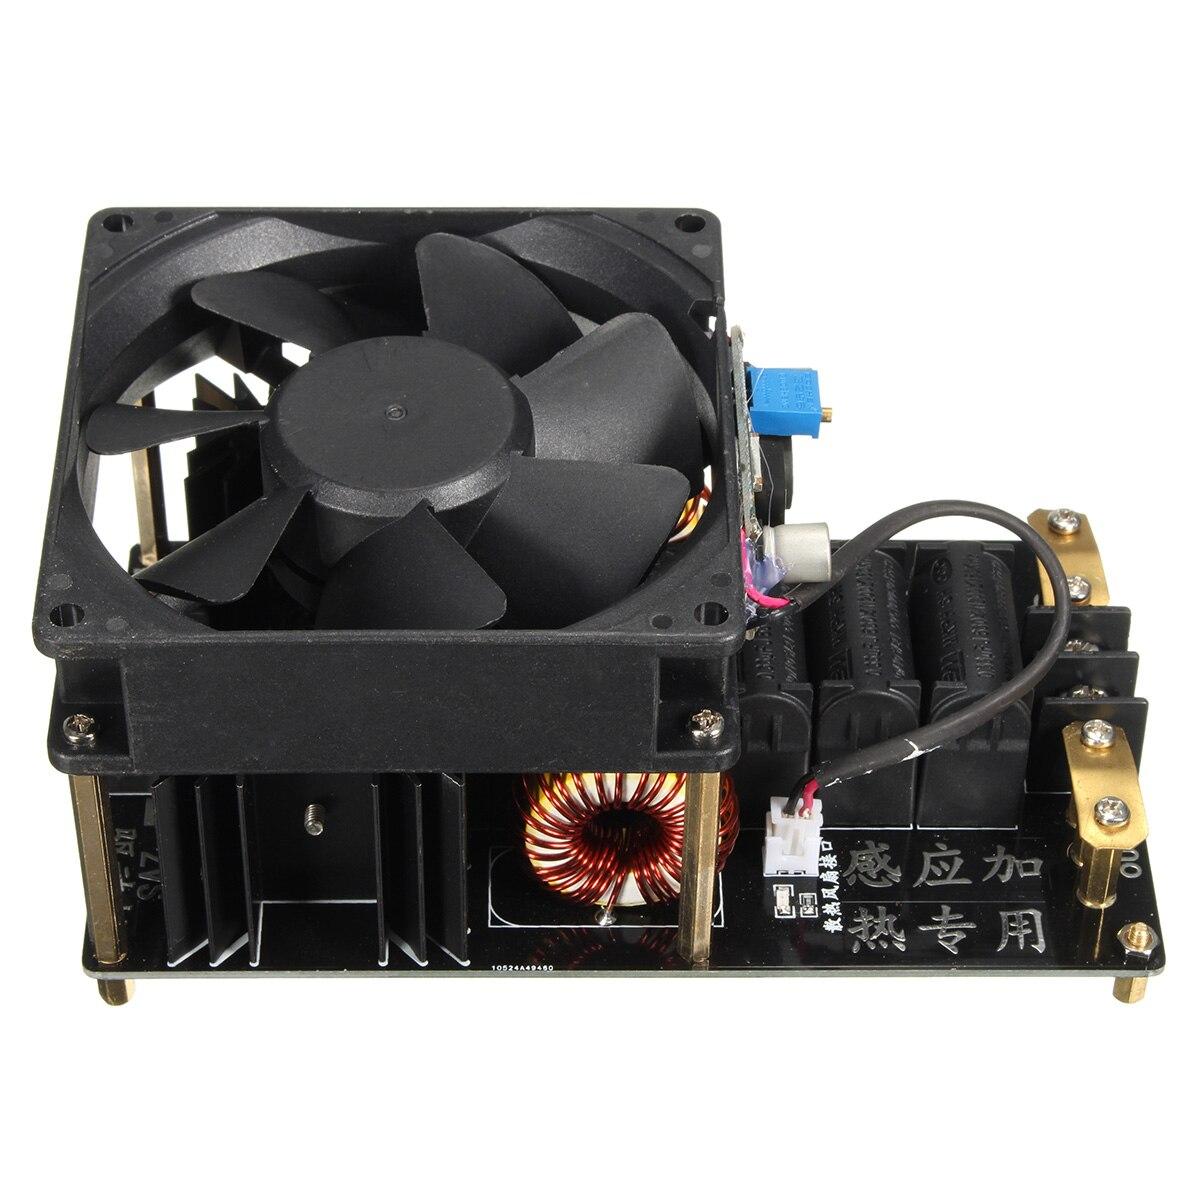 Nouveau ZVS Machine de chauffage par Induction ventilateur de refroidissement PCB Tube de cuivre 12-36 V 1000 W 20A haute fréquence Module de chauffage par Induction